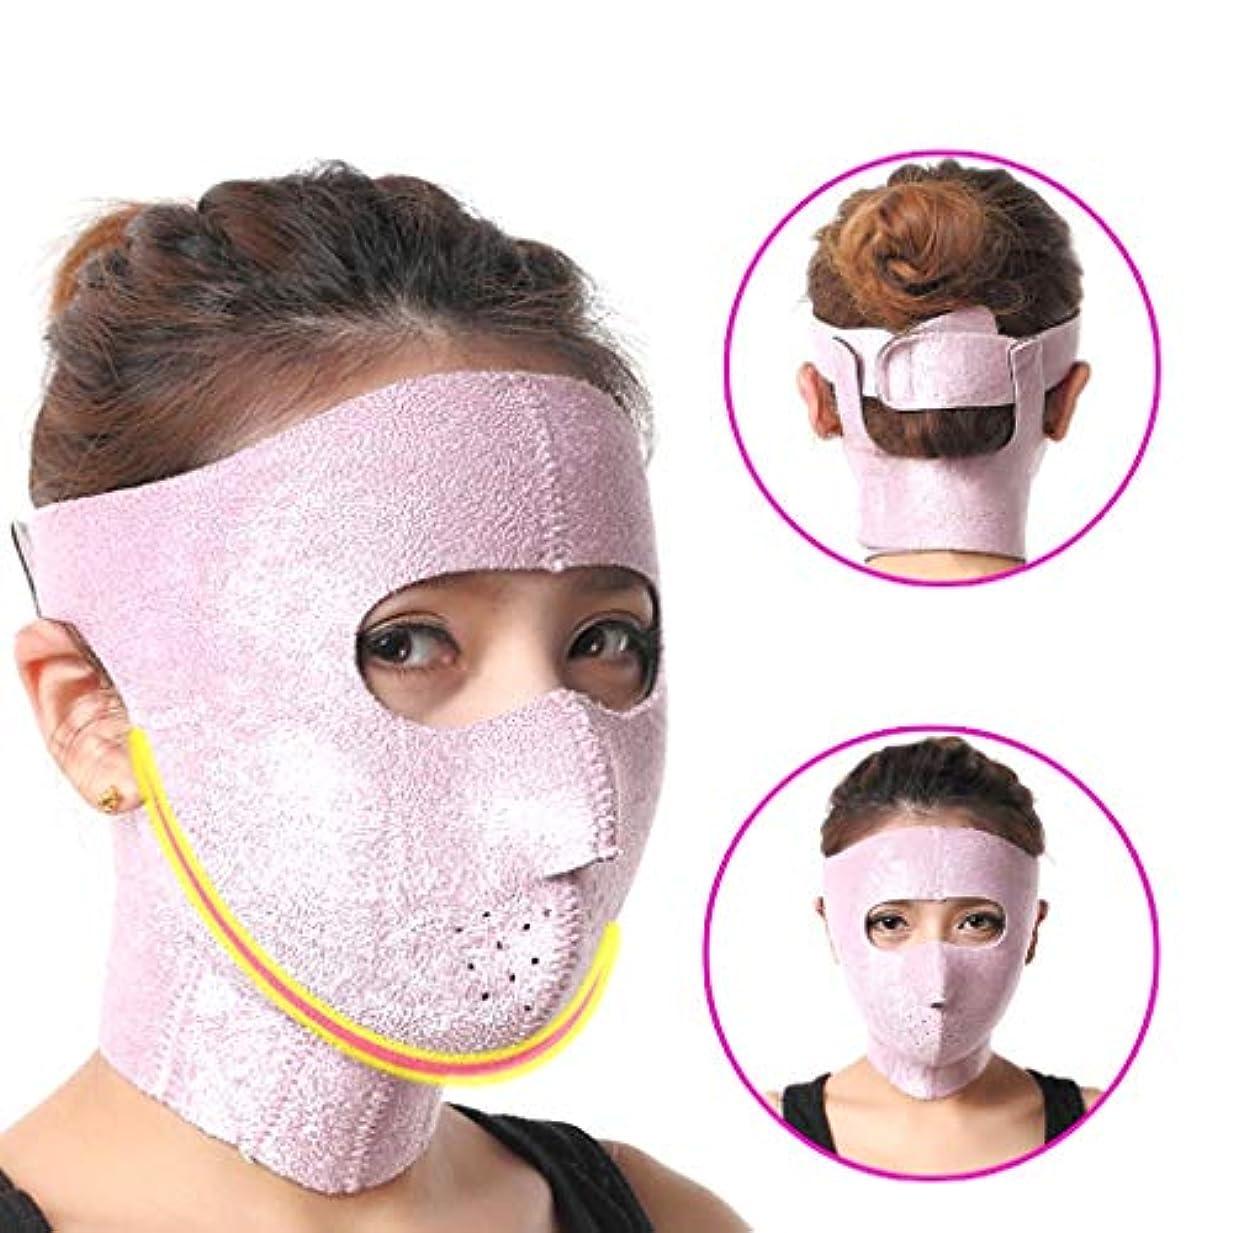 内訳送った版薄いあご修正ツール、顔リフティングマスク、リフティングファーミング、Vフェイシャルマスク、改良された咬筋二重あご、男性と女性の両方に適しています